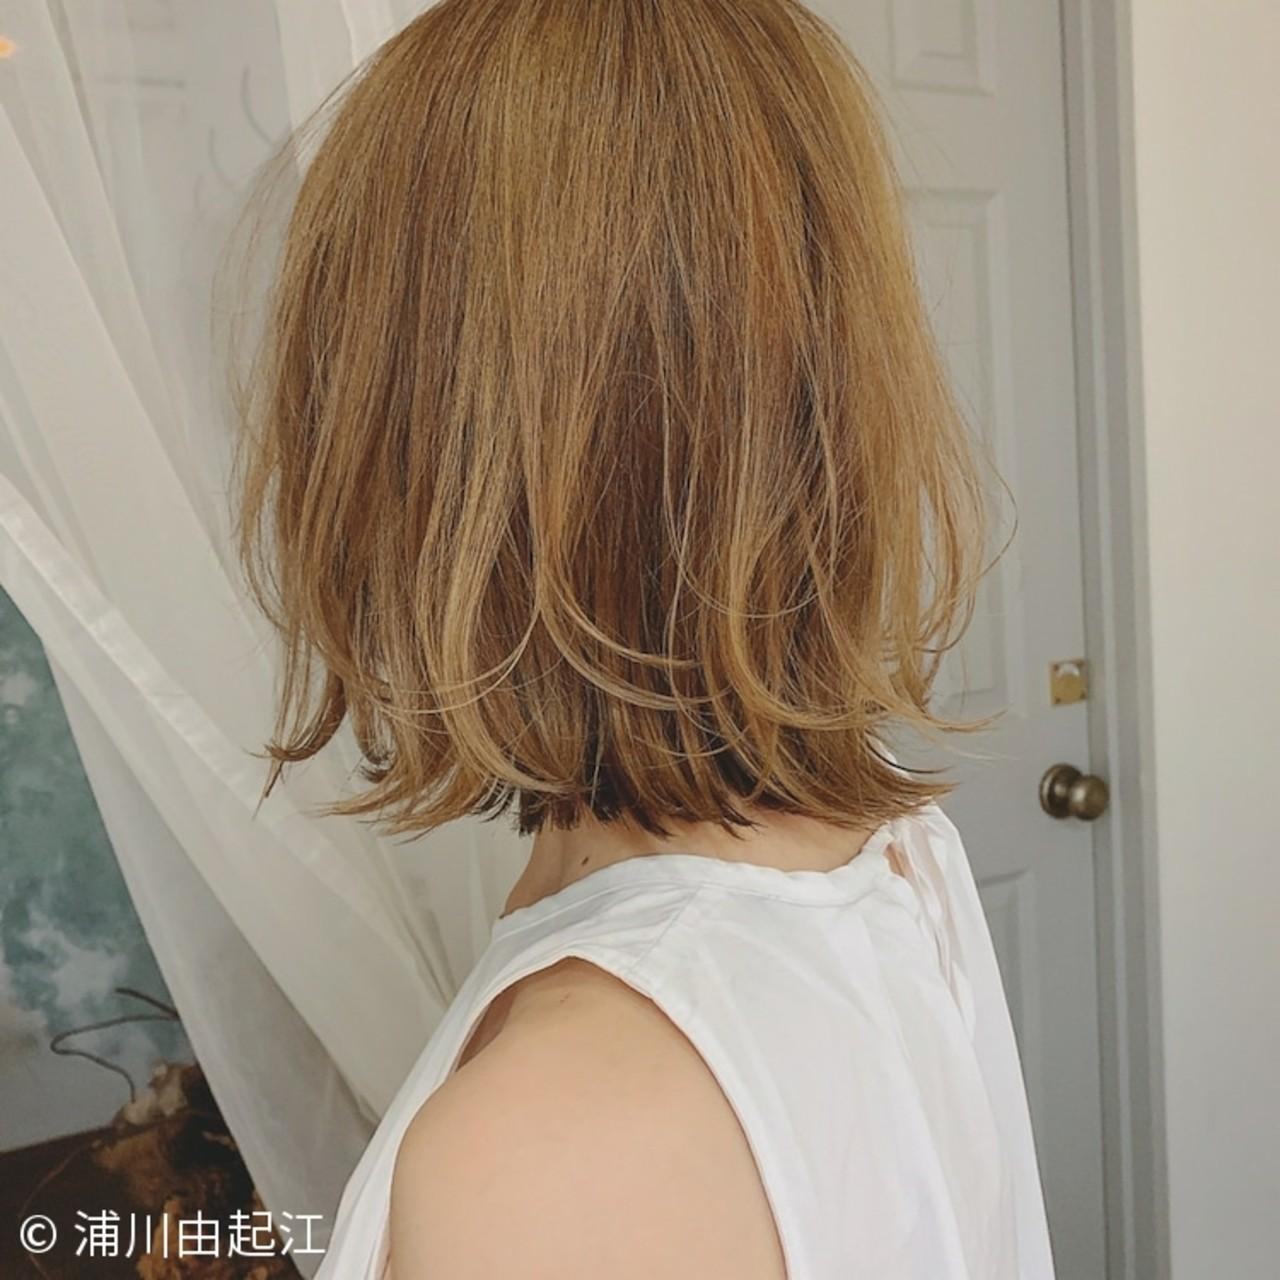 ボブ ハイライト エレガント 大人かわいいヘアスタイルや髪型の写真・画像